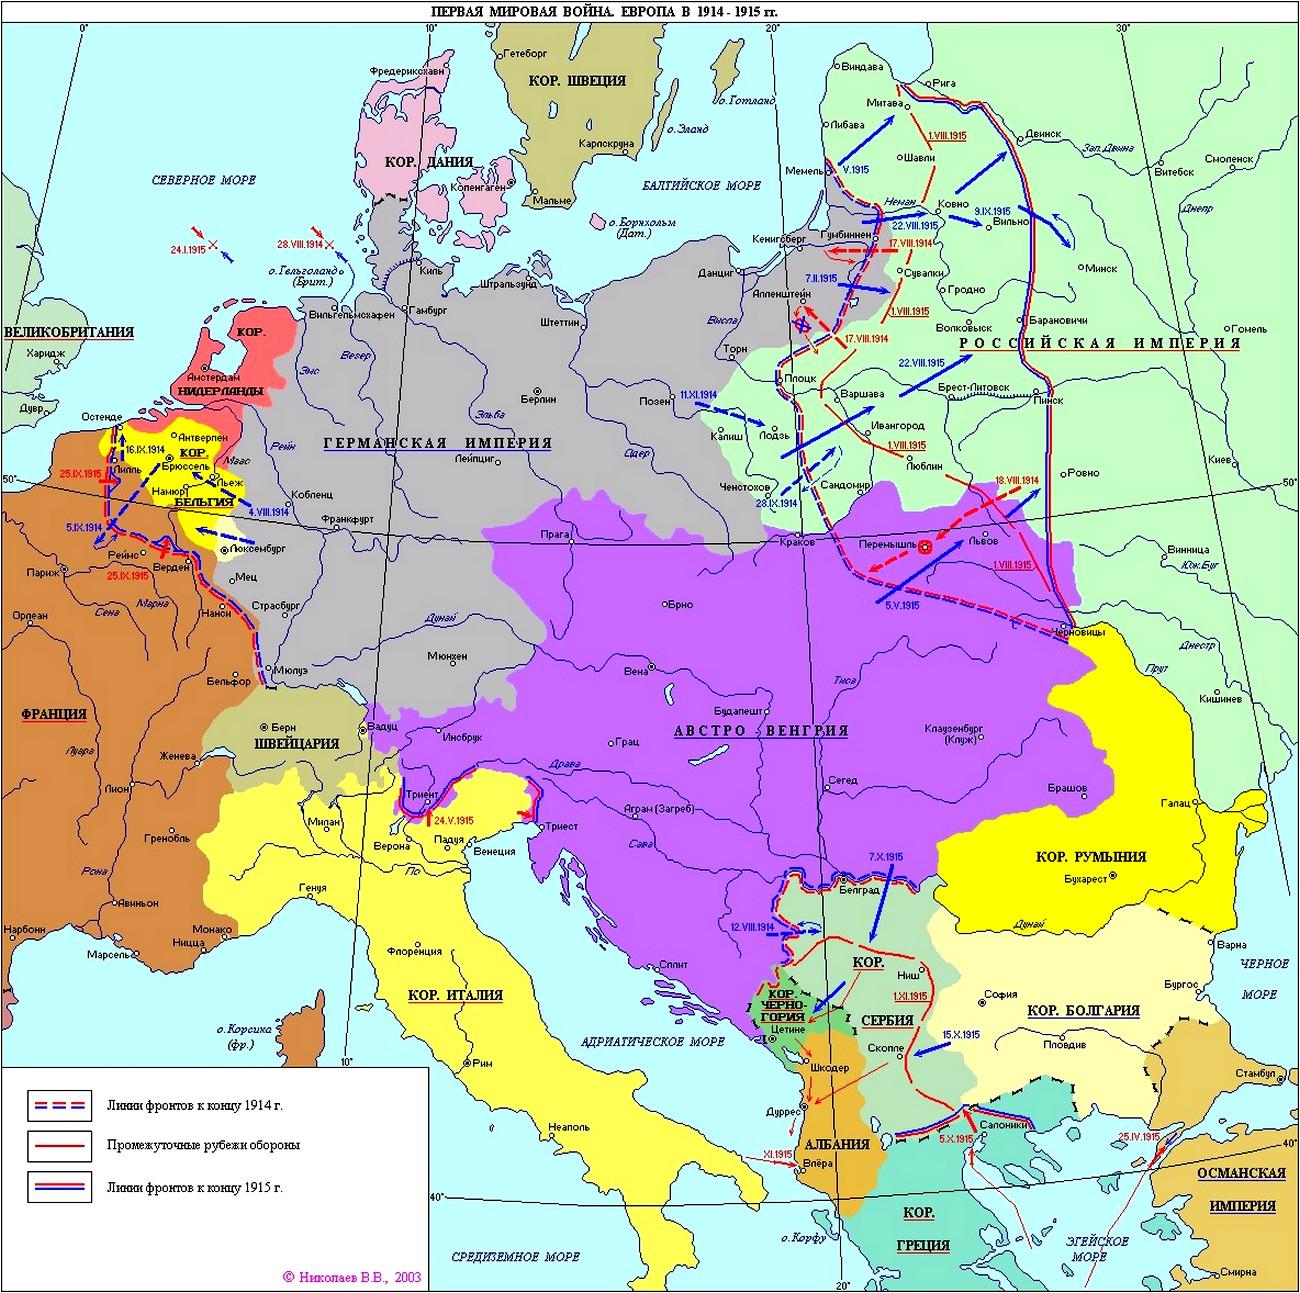 Первая мировая война. Карта 1914-1915